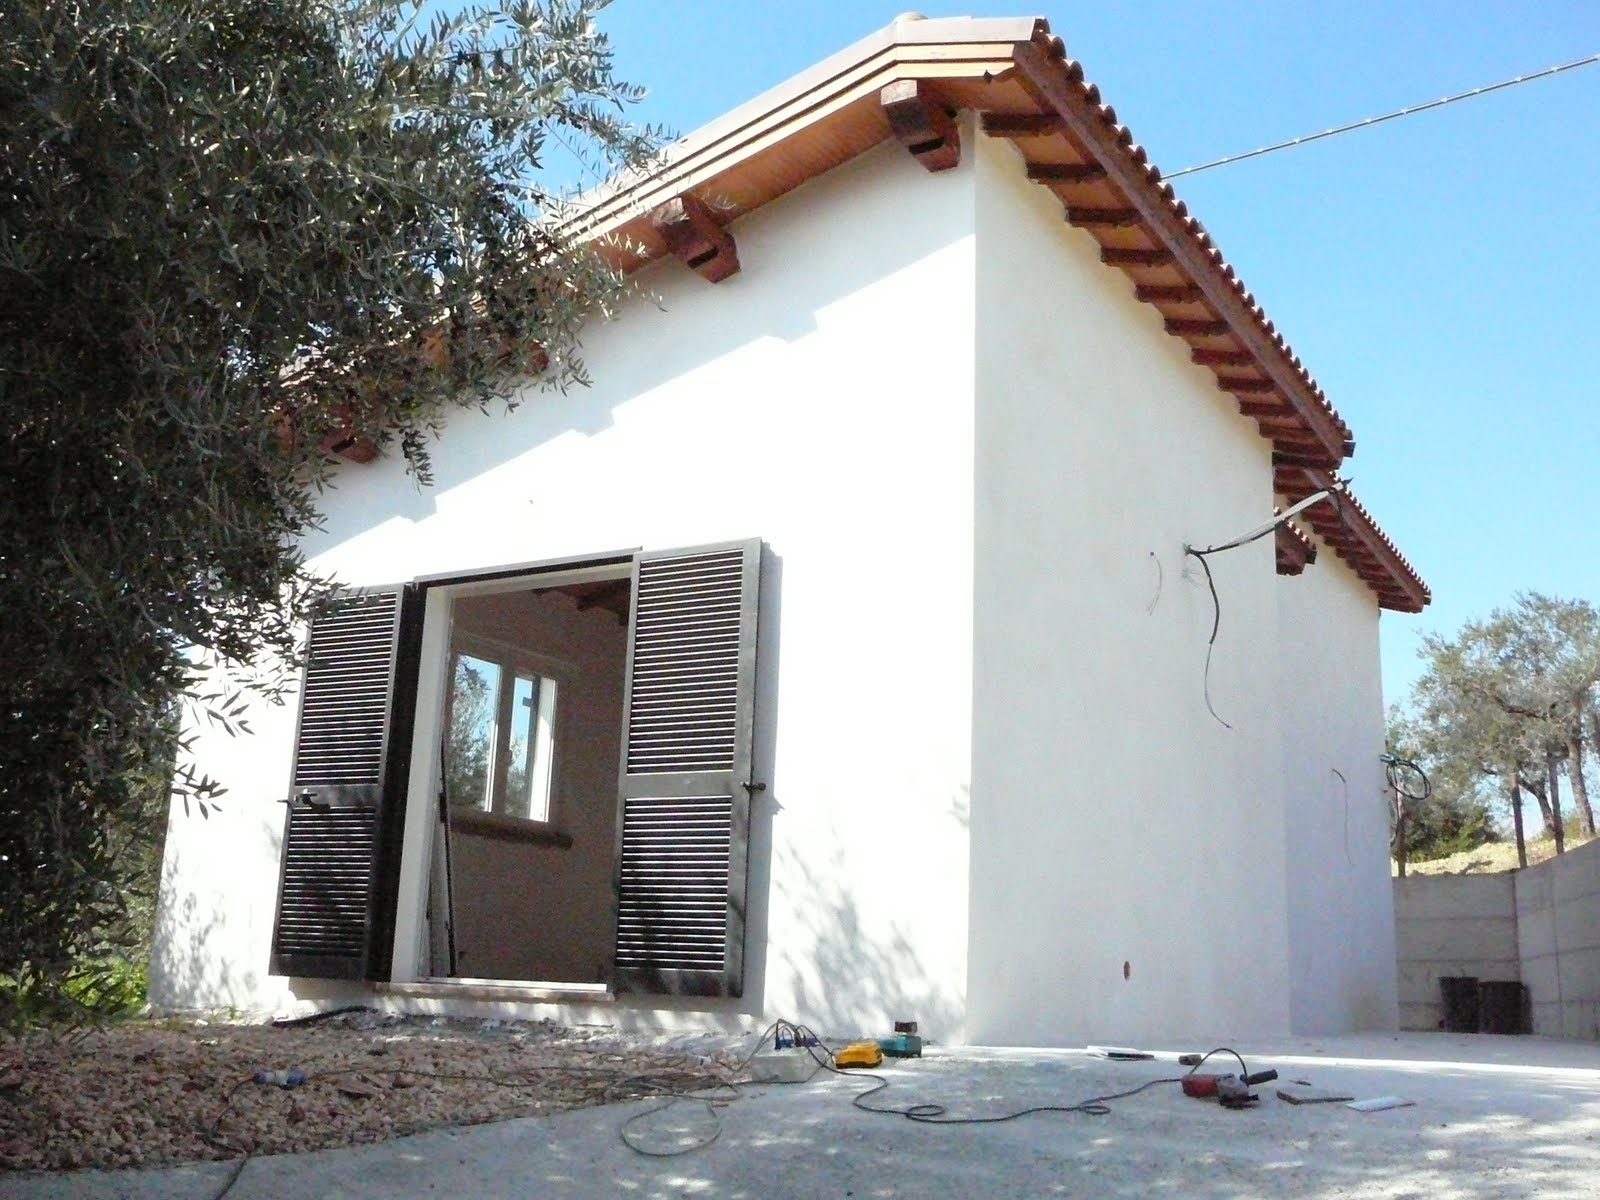 Casa amalia finestre e persiane in alluminio for Finestre e persiane